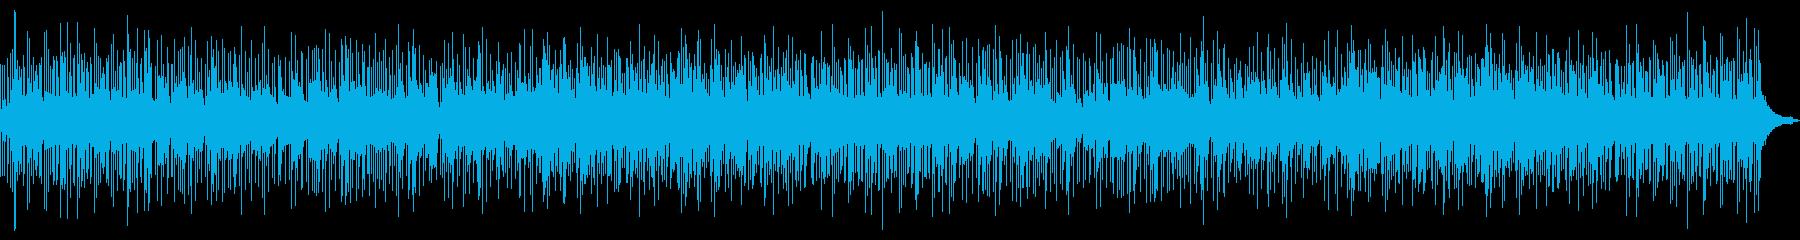 爽やか・三味線・琴・和風・疾走感の再生済みの波形